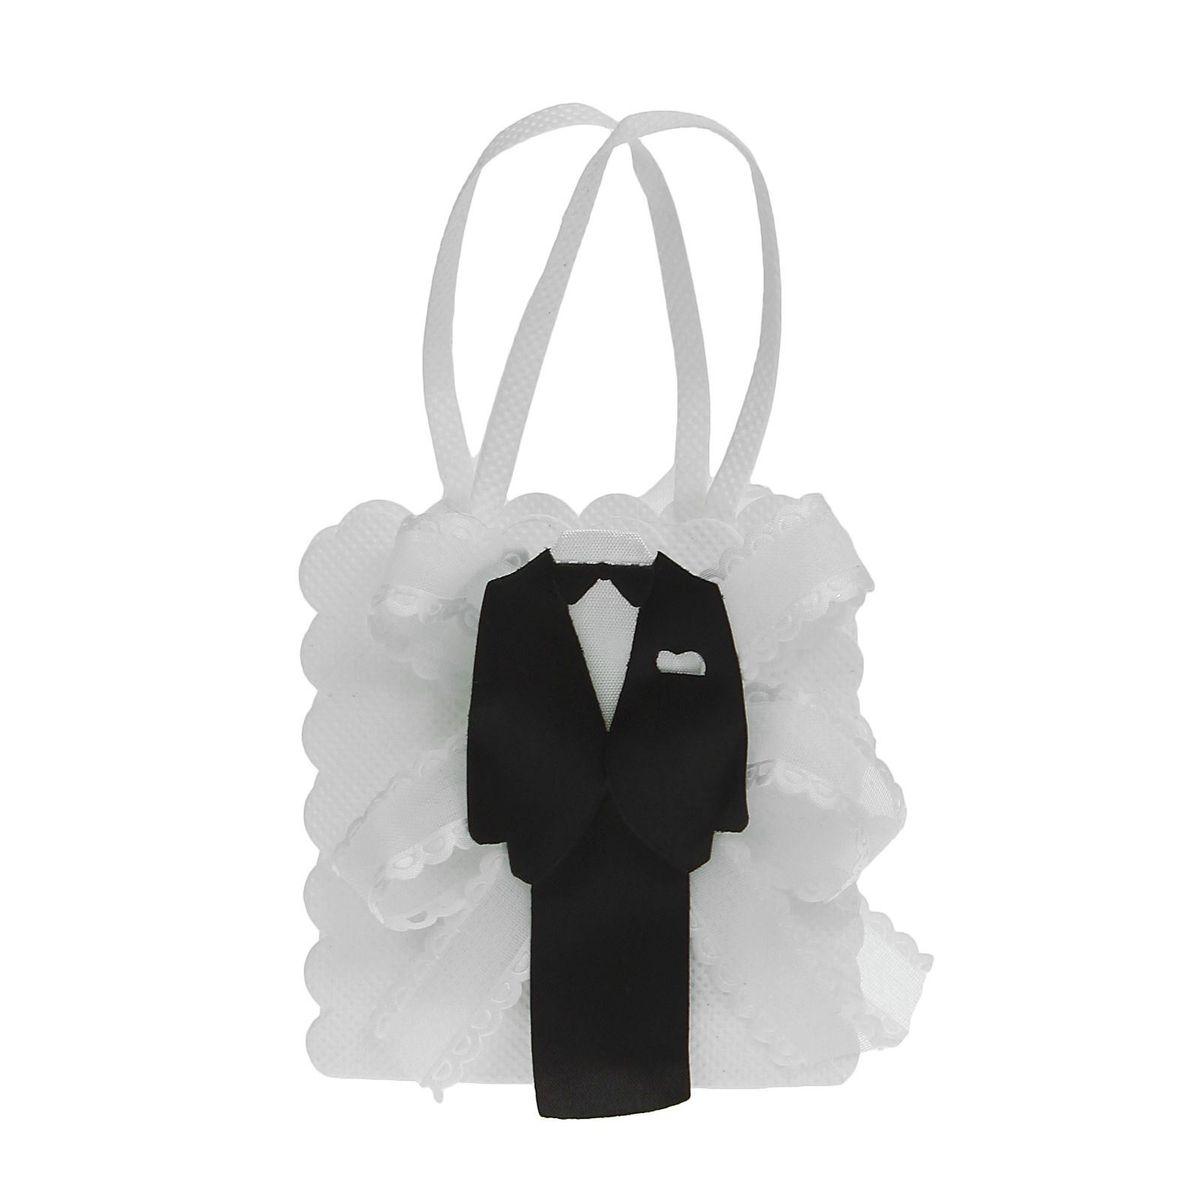 Бонбоньерка Sima-land Жених и невеста, цвет: белый, 3 x 7,5 x 8,5 см1173849Свадебные аксессуары - это финальный аккорд в оформлении праздника. Бонбоньерка Жених и невеста - атрибут, который поможет в создании стиля помещения, общей цветовой гаммы и усилит впечатления от главного дня в жизни любой пары. Изящный аксессуар придаст вашему торжеству зрелищности и яркости, создав нужное настроение. В яркую сумочку вы сможете упаковать сладкое угощение для своих гостей, например конфетки. Этот сувенир станет приятным сюрпризом для дорогих сердцу людей, символом вашей благодарности и заботы о них.